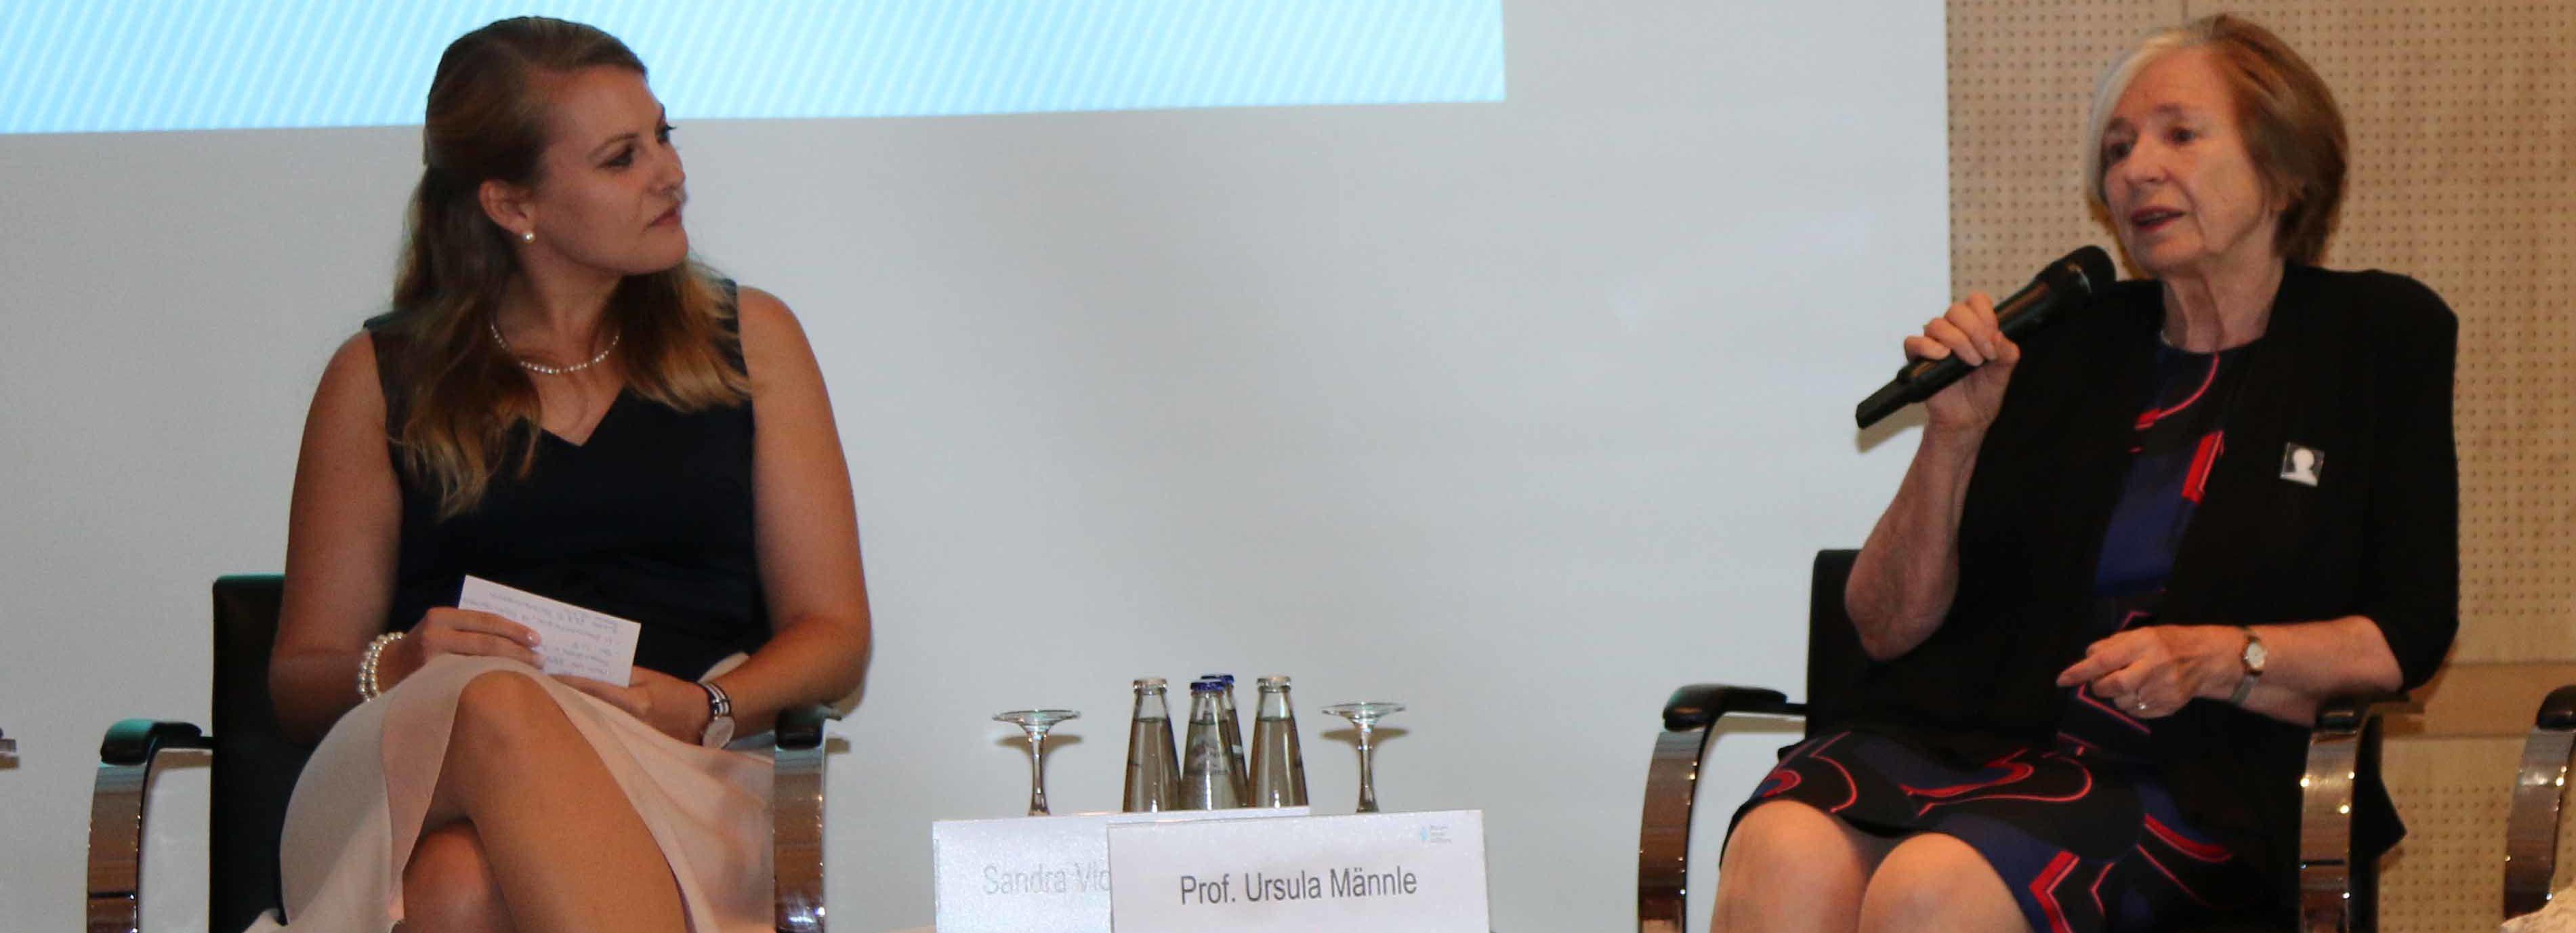 Rechte Hälfte des Panels mit Moderatorin, Männle und Amberger (rechts).